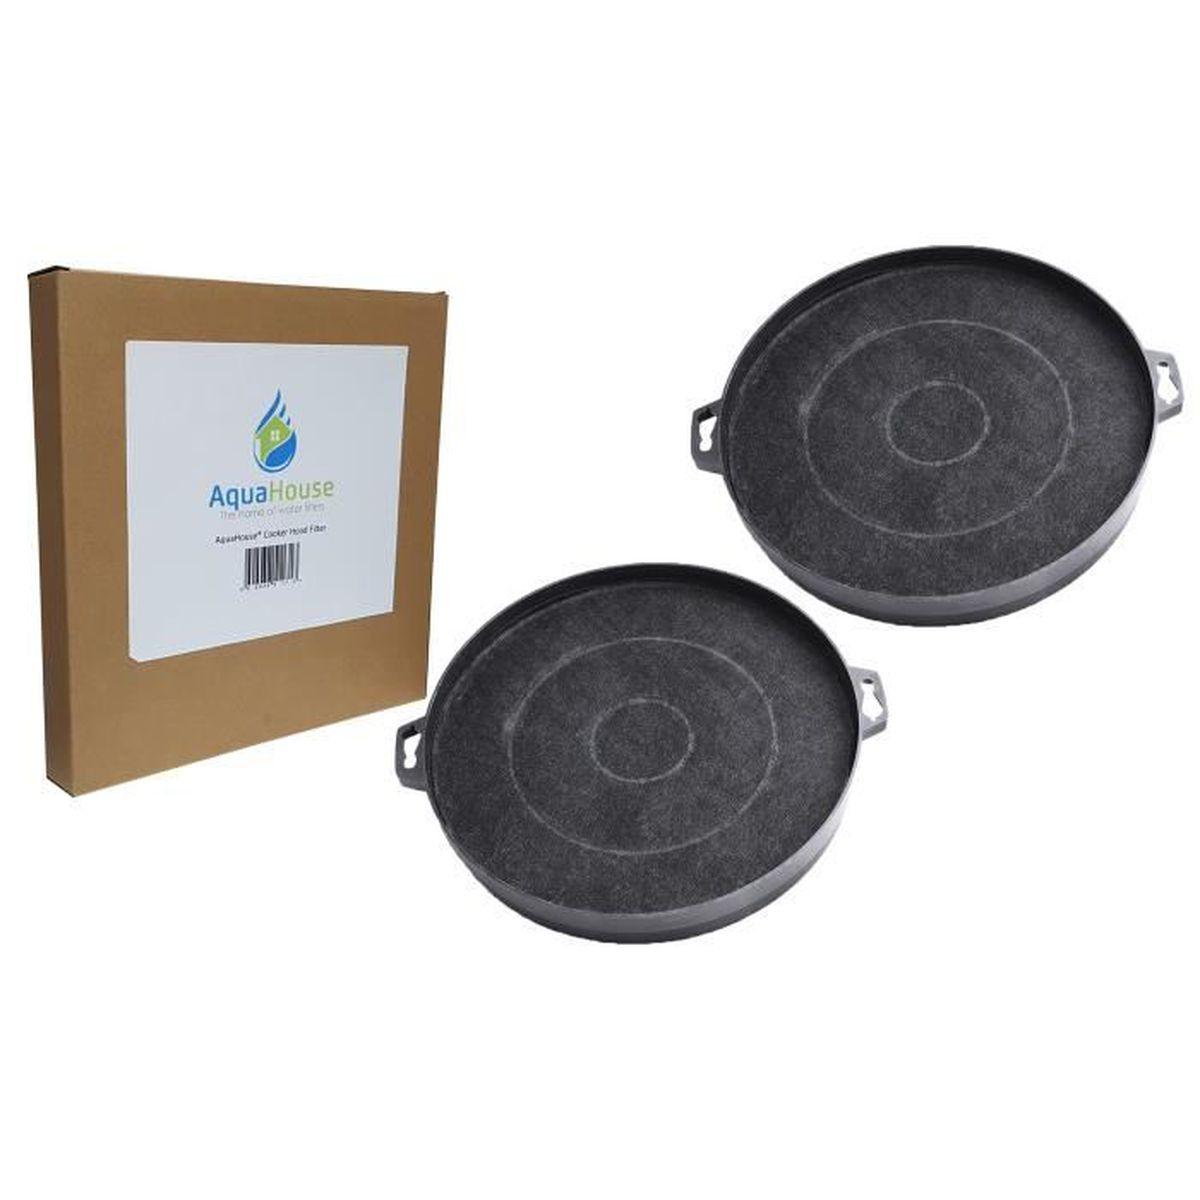 4x AquaHouse Filtre /à charbon pour hotte CATA Moffat MCH665 MCH665X 210mm Hygena